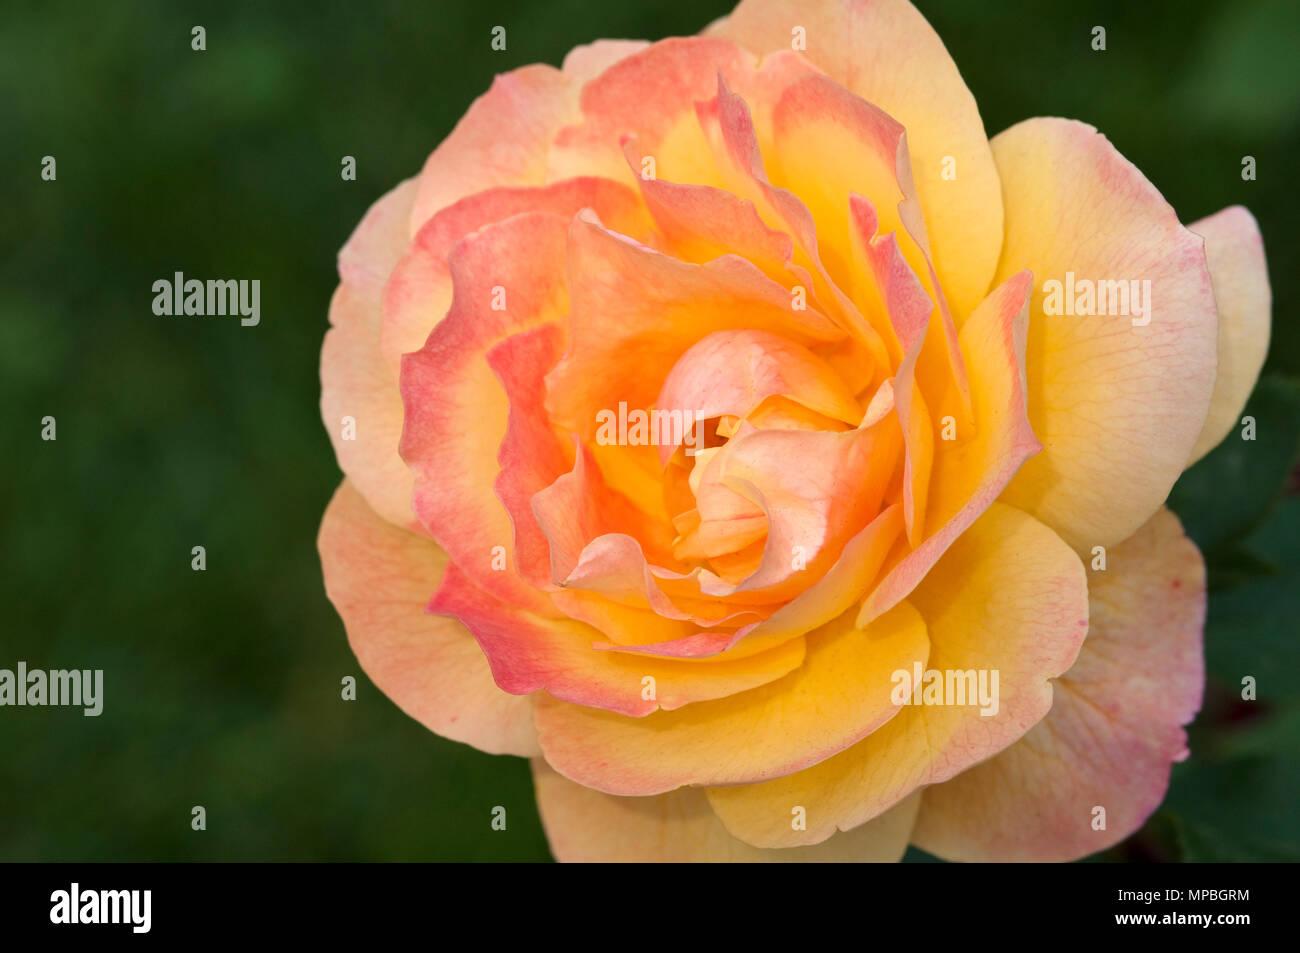 ROSA GRANDIFLORA 'STRIKE IT RICH' - Stock Image